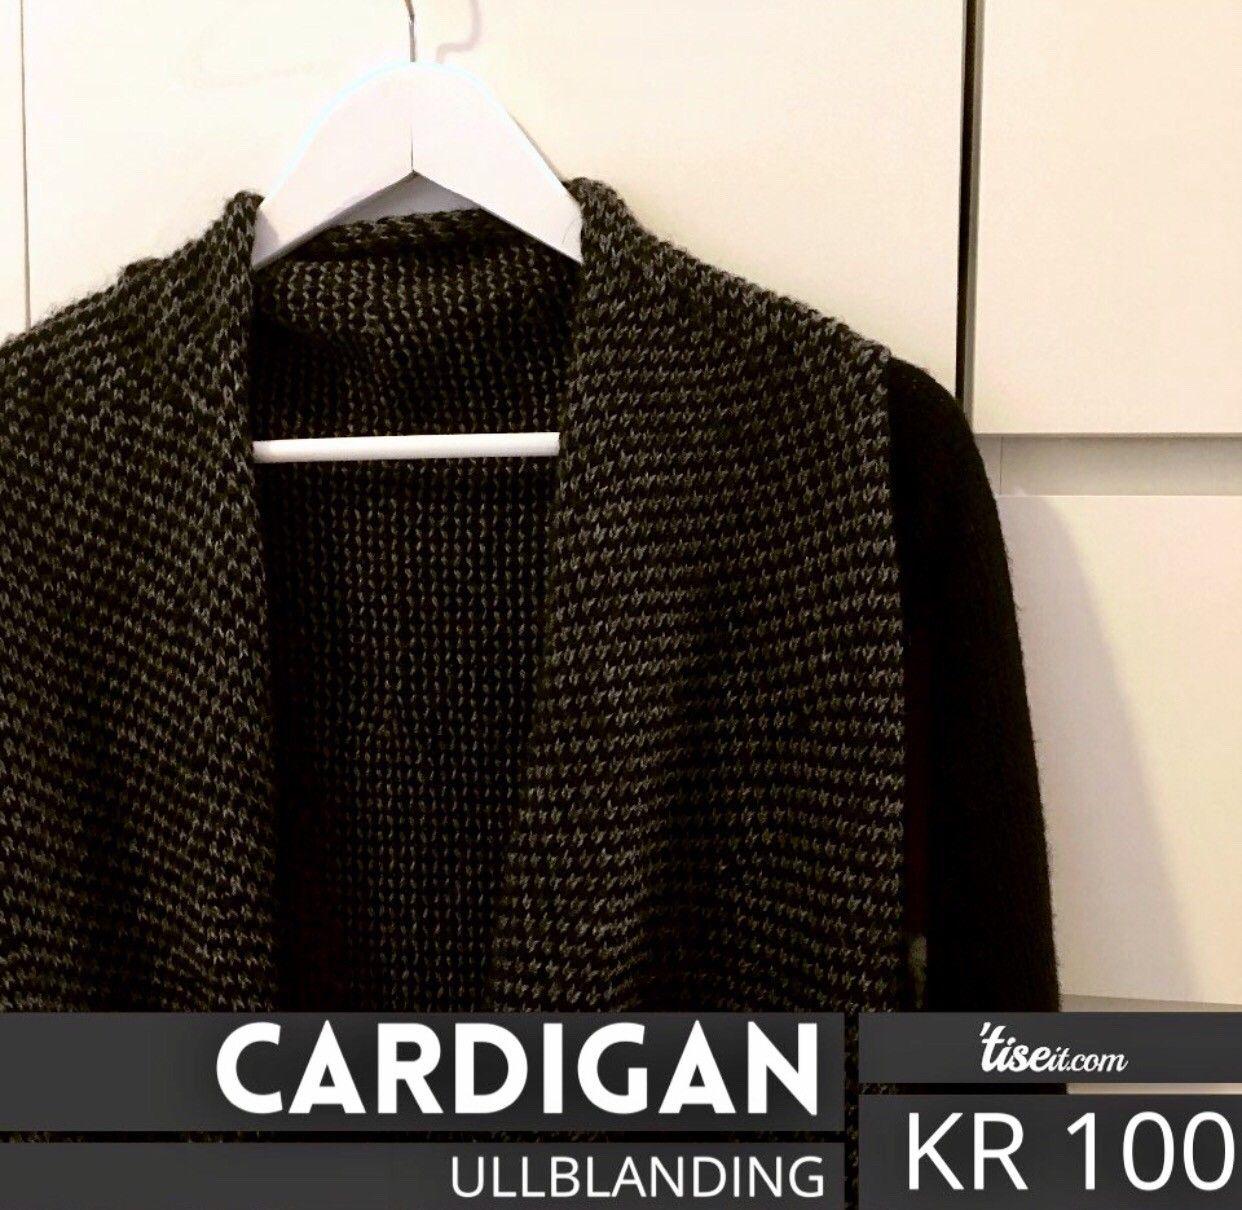 Cardigan ullblanding - Sandefjord  - Deilig Cardigan i ullblanding, kjøpt i London. Kan sendes mot at kjøper dekker porto. Kun forhåndsbetaling, Vipps eller cash. - Sandefjord